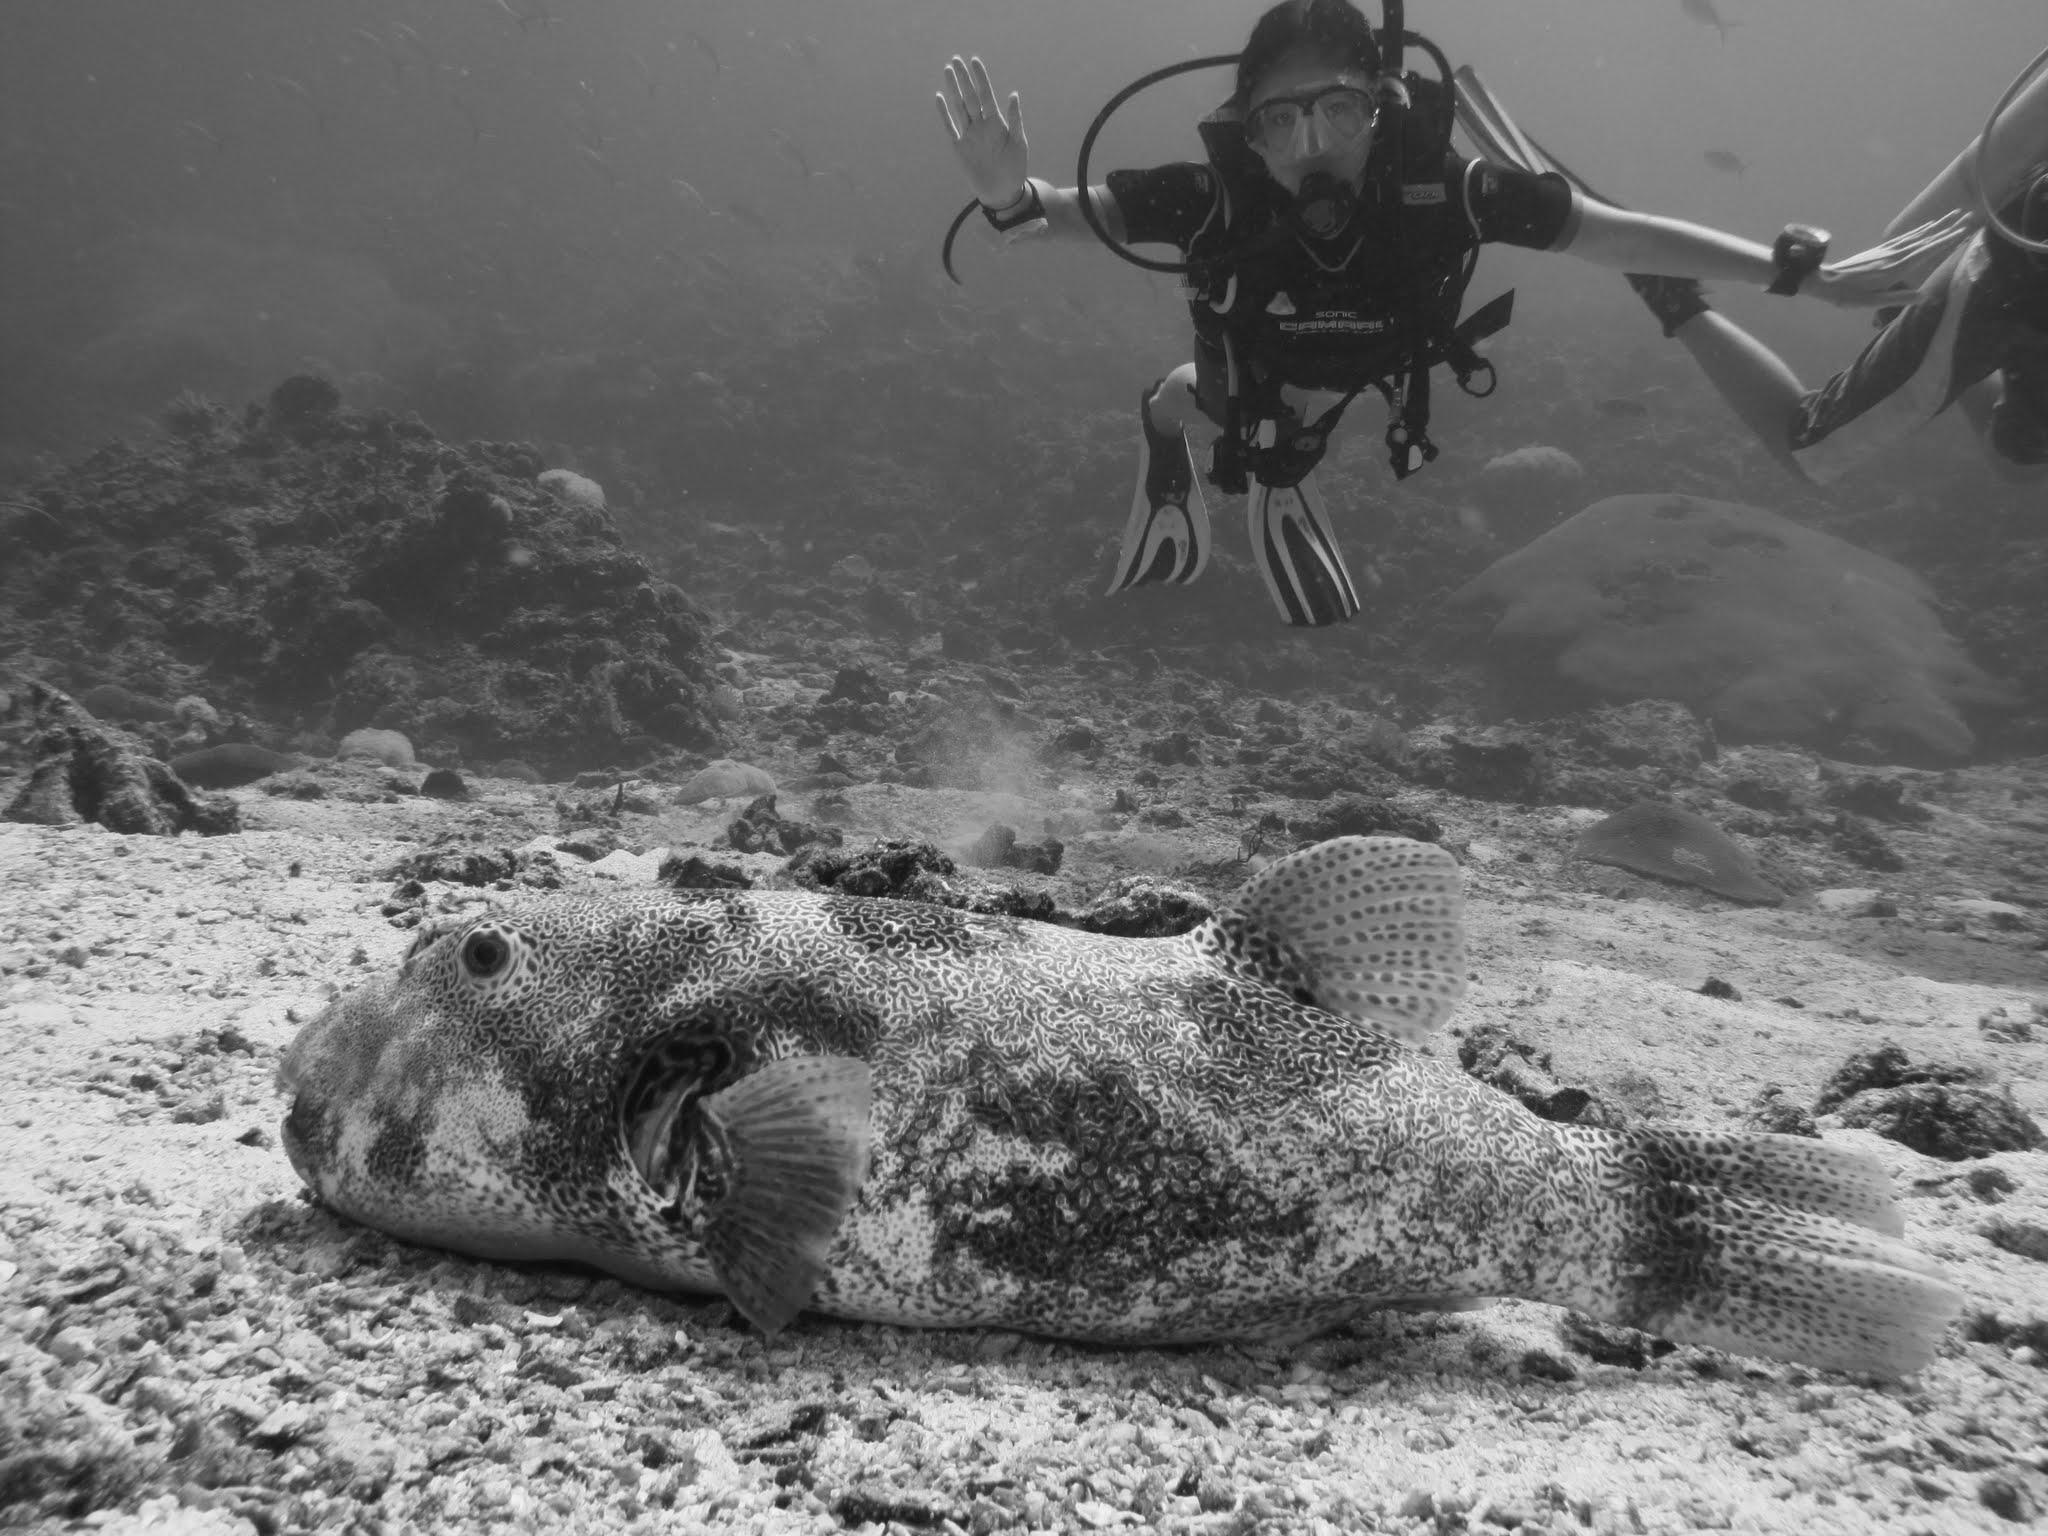 人物专访|女潜水员:热爱潜水,是因为热爱海洋也敬畏大海!